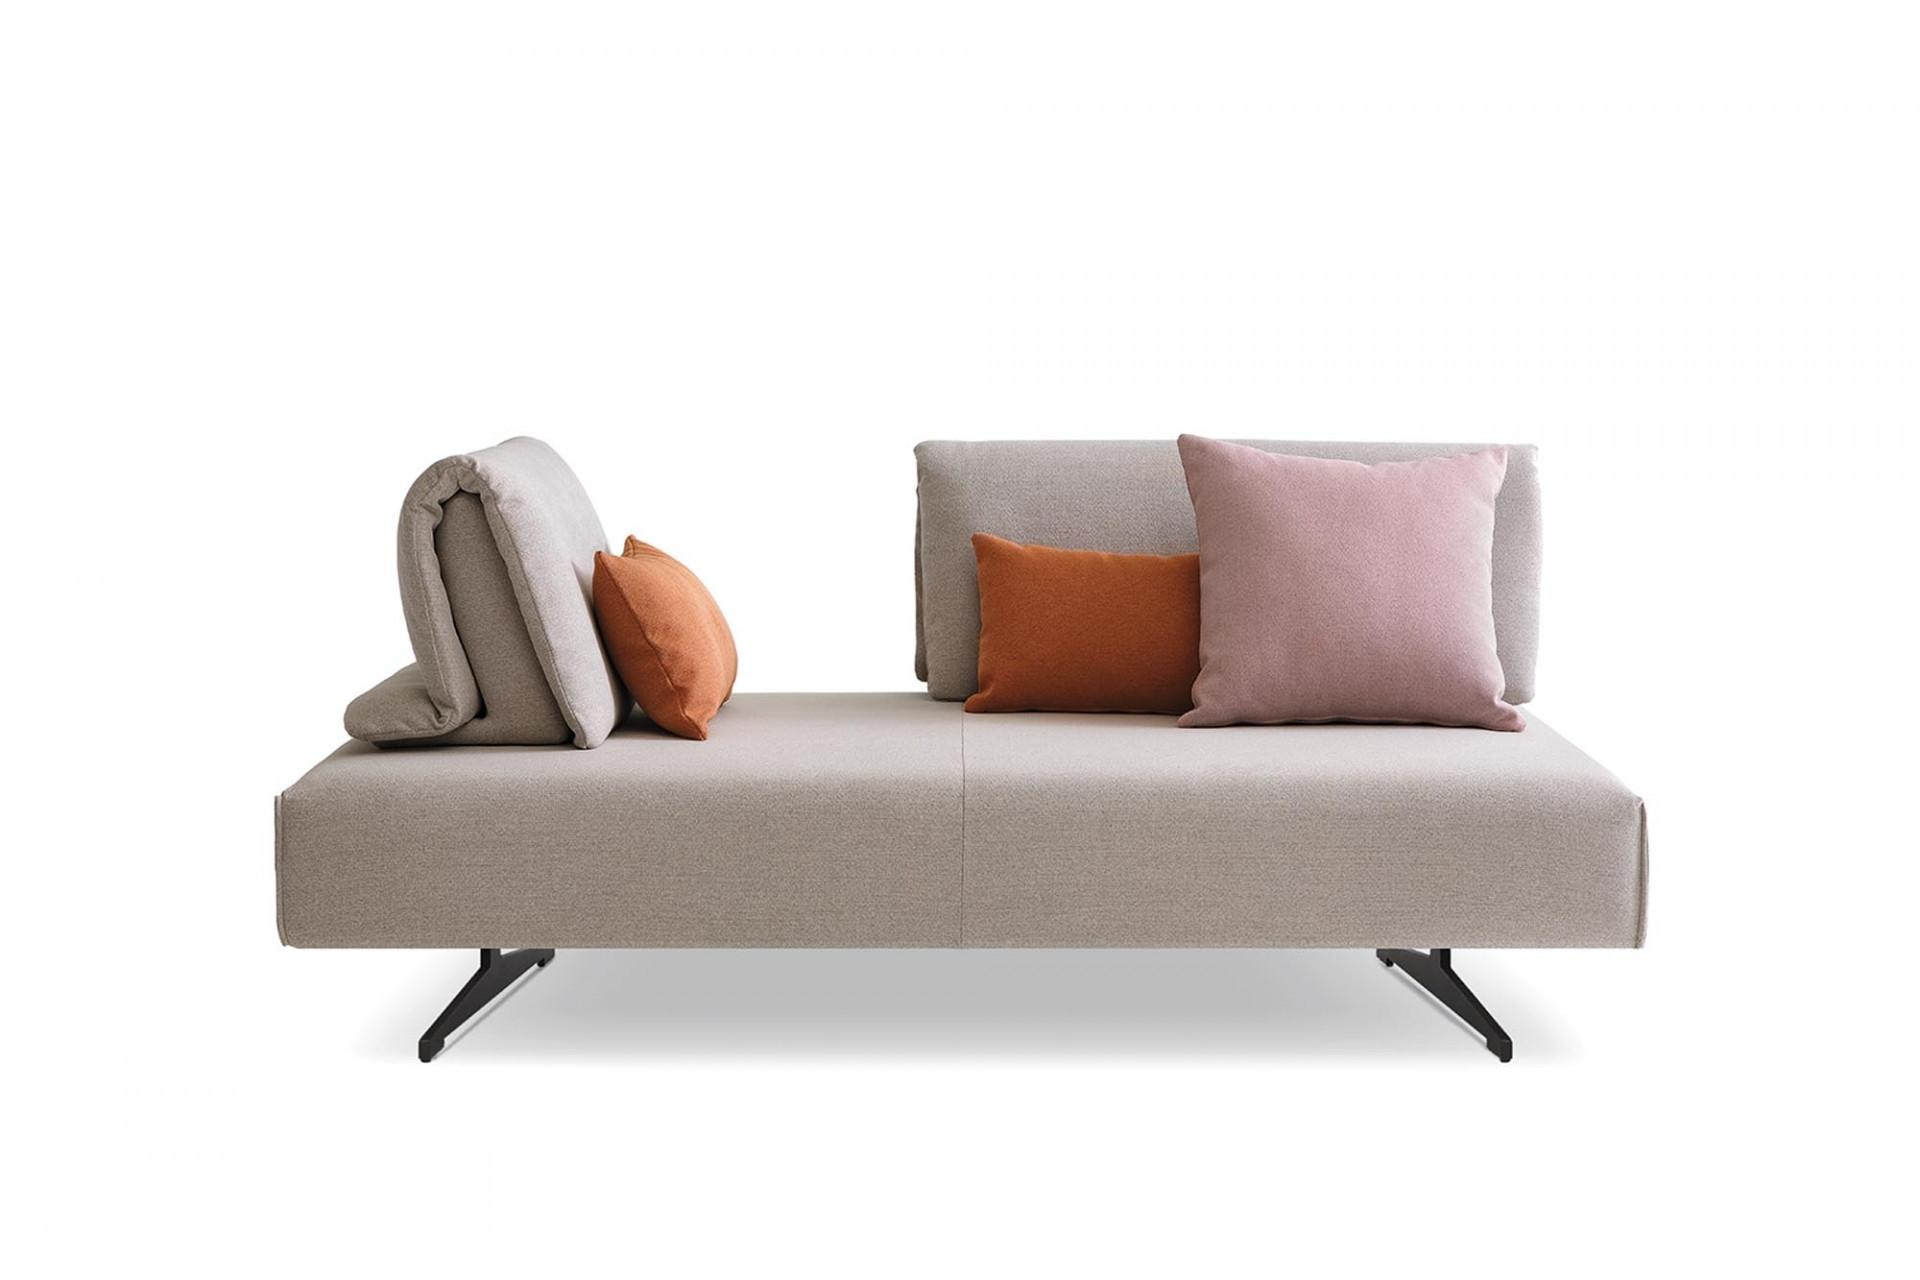 Canapea fixa 3 locuri, tapitata cu stofa, Abbraccio Grej, l217xA116xH83 cm